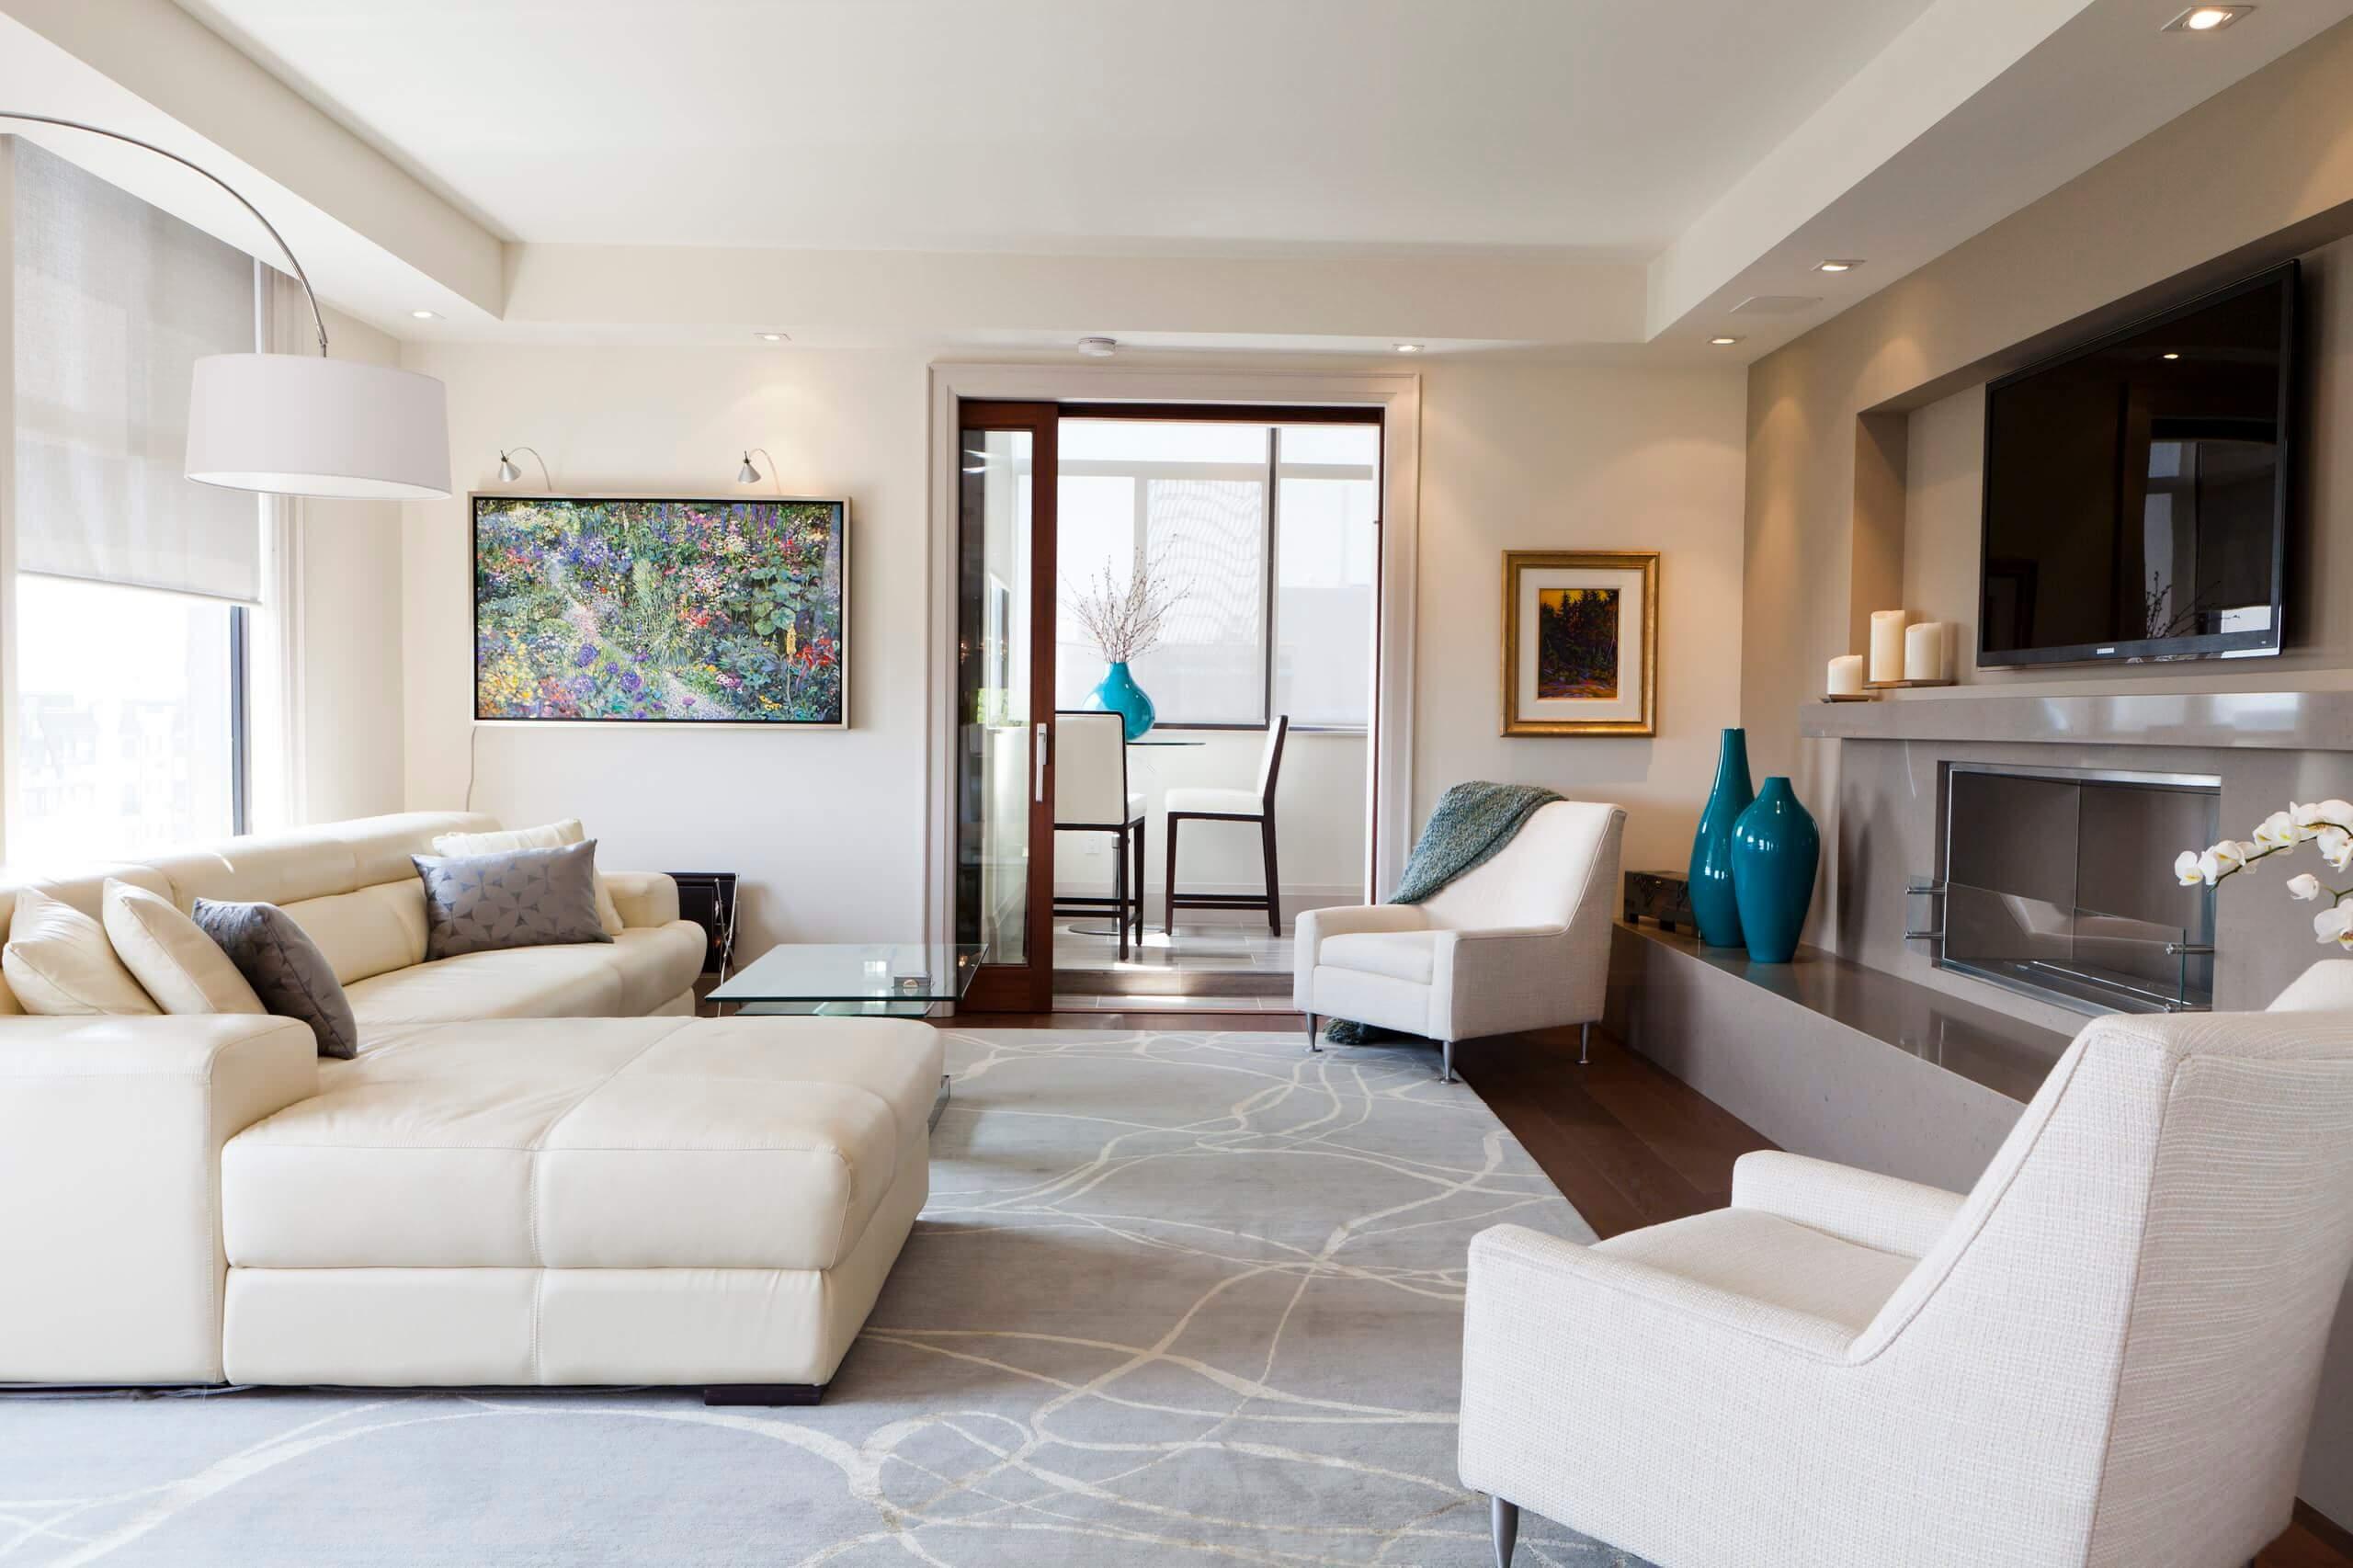 Thiết kế phòng khách chung cư 1